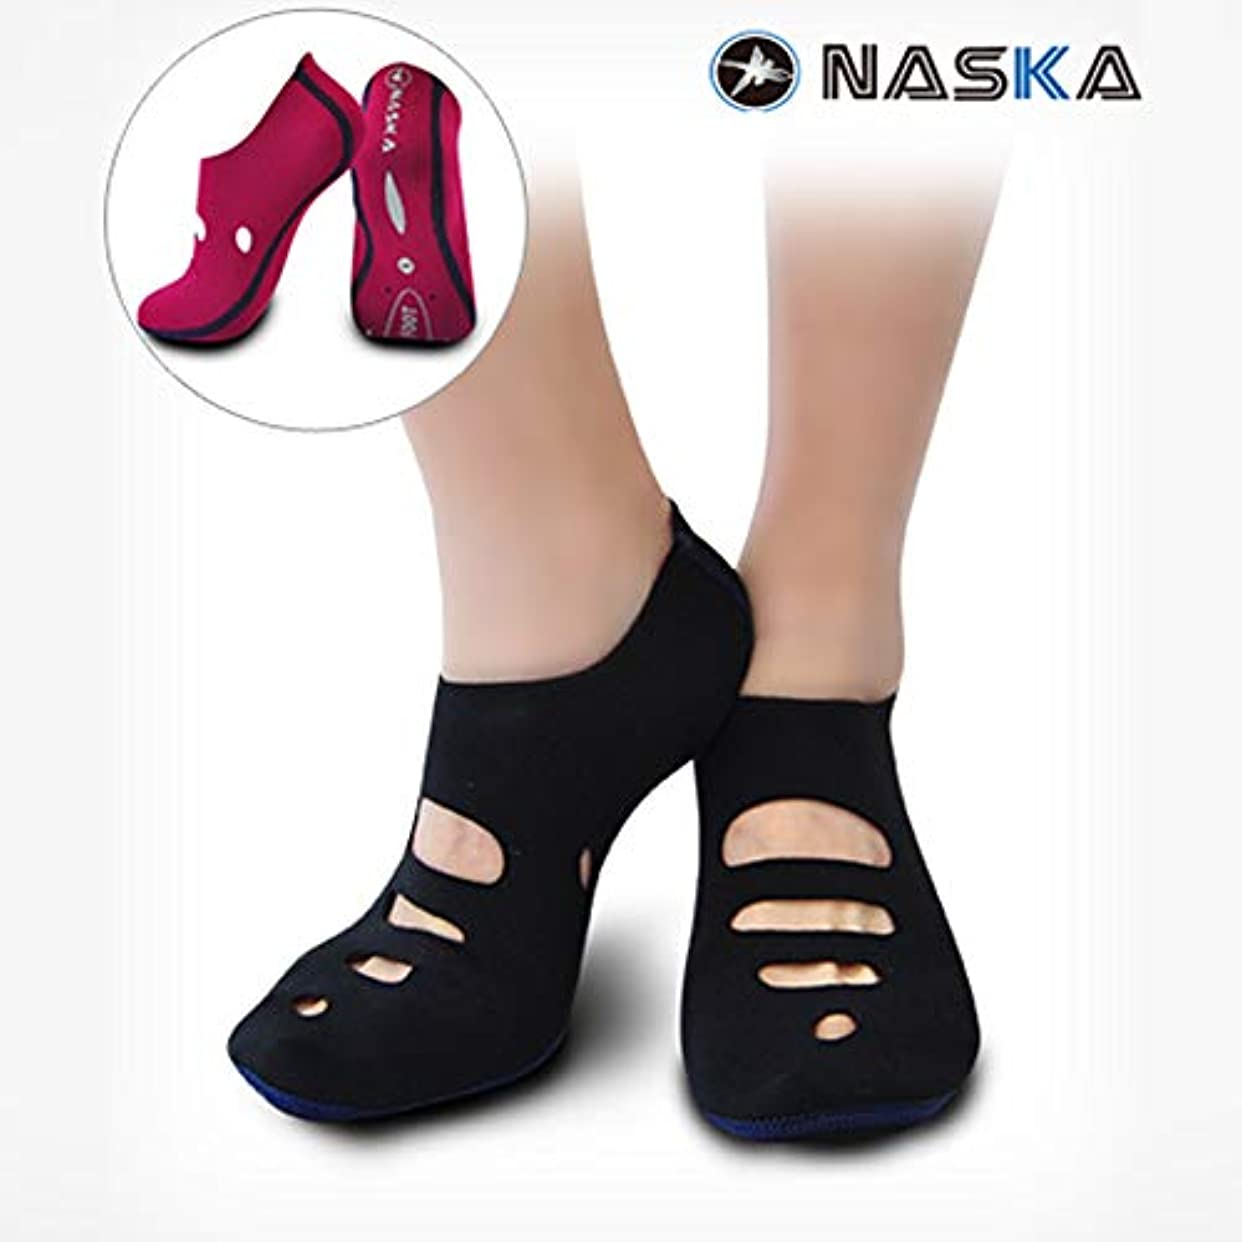 引き算照らす国歌NaskaFoot かかとケア かかとサポーター 両足用 角質ケア かかと靴下 角質ケア、保温、保湿を一つにした多機能ソックス 潜水服素材のネオプレン使用 弾力性と柔軟性に富んだ靴下 両面使用